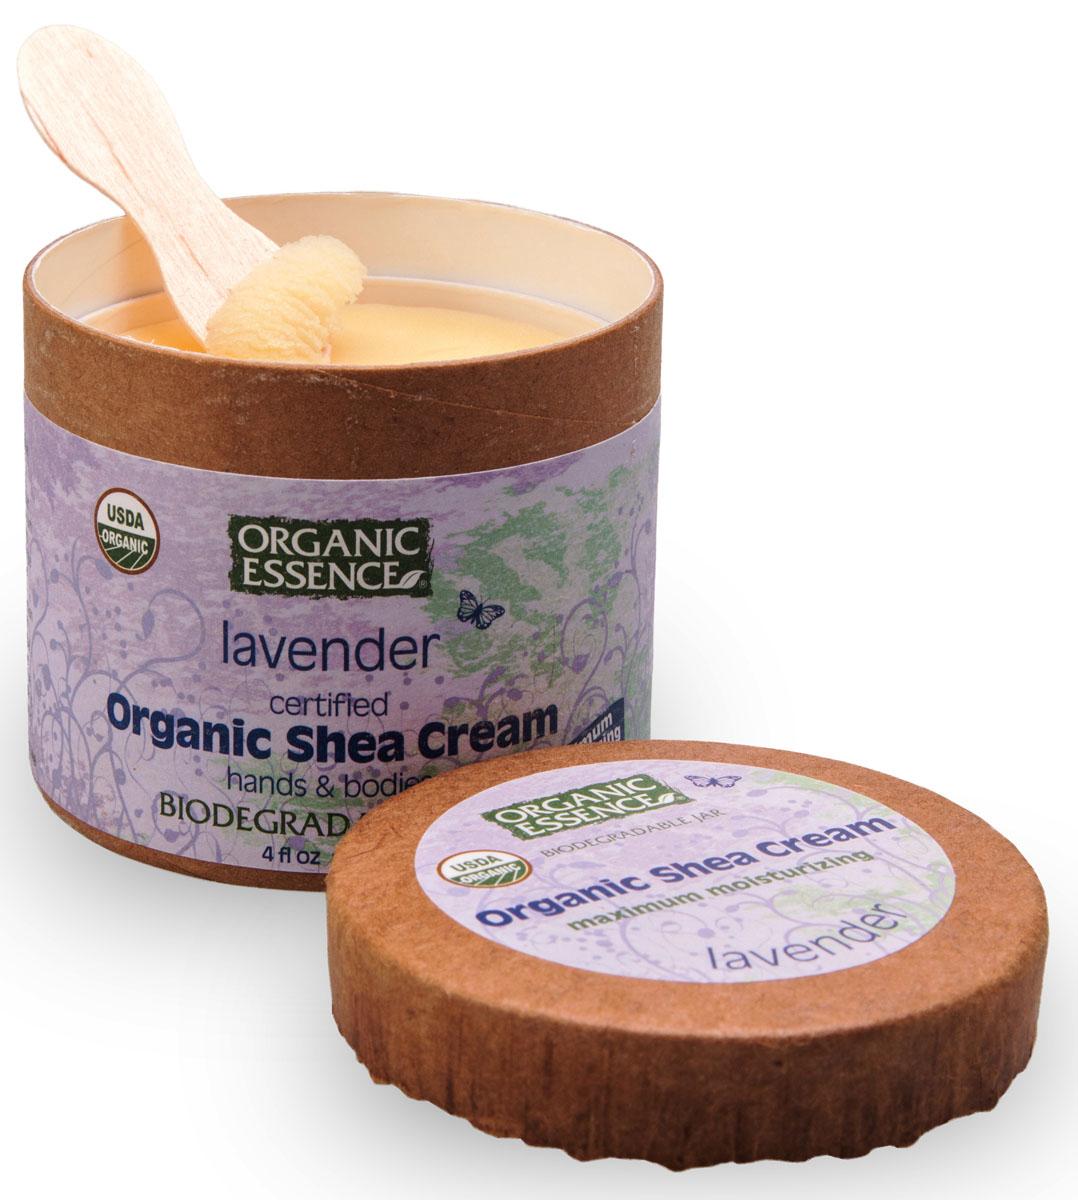 Organic Essence Органический крем Ши (Карите), Лаванда 114 г/118 млCCLAVUSDA Organic сертифицированный продукт. Интенсивное увлажнение. Подходит для ежедневного применения. В состав Органического крема Ши входит органическая лаванда, которая славится своими свойствами релаксации. Лаванда восстанавливает баланс кожи, что делает его идеальным для любого типа кожи. После нанесения средств, содержащих масло лаванды, мгновенно снимаются покраснения, отеки, шелушение, раздраженности, воспаления, приглушается зуд. Органический крем Ши лаванда идеально подходит для специального ухода за поврежденной или сверхчувствительной кожей, проявляет удивительные тонизирующие свойства для усталой и дряблой кожи. Снимая не только воспалительную сыпь, но и препятствуя росту бактерий, лавандовое масло при одновременном воздействии на уровень жировых выделений и нормализации обмена веществ идеально подходит для обработки прыщей. Лавандовое масло не является аллергенным. Лаванда помогает при расстройствах, вызванных стрессом, и бессоннице.